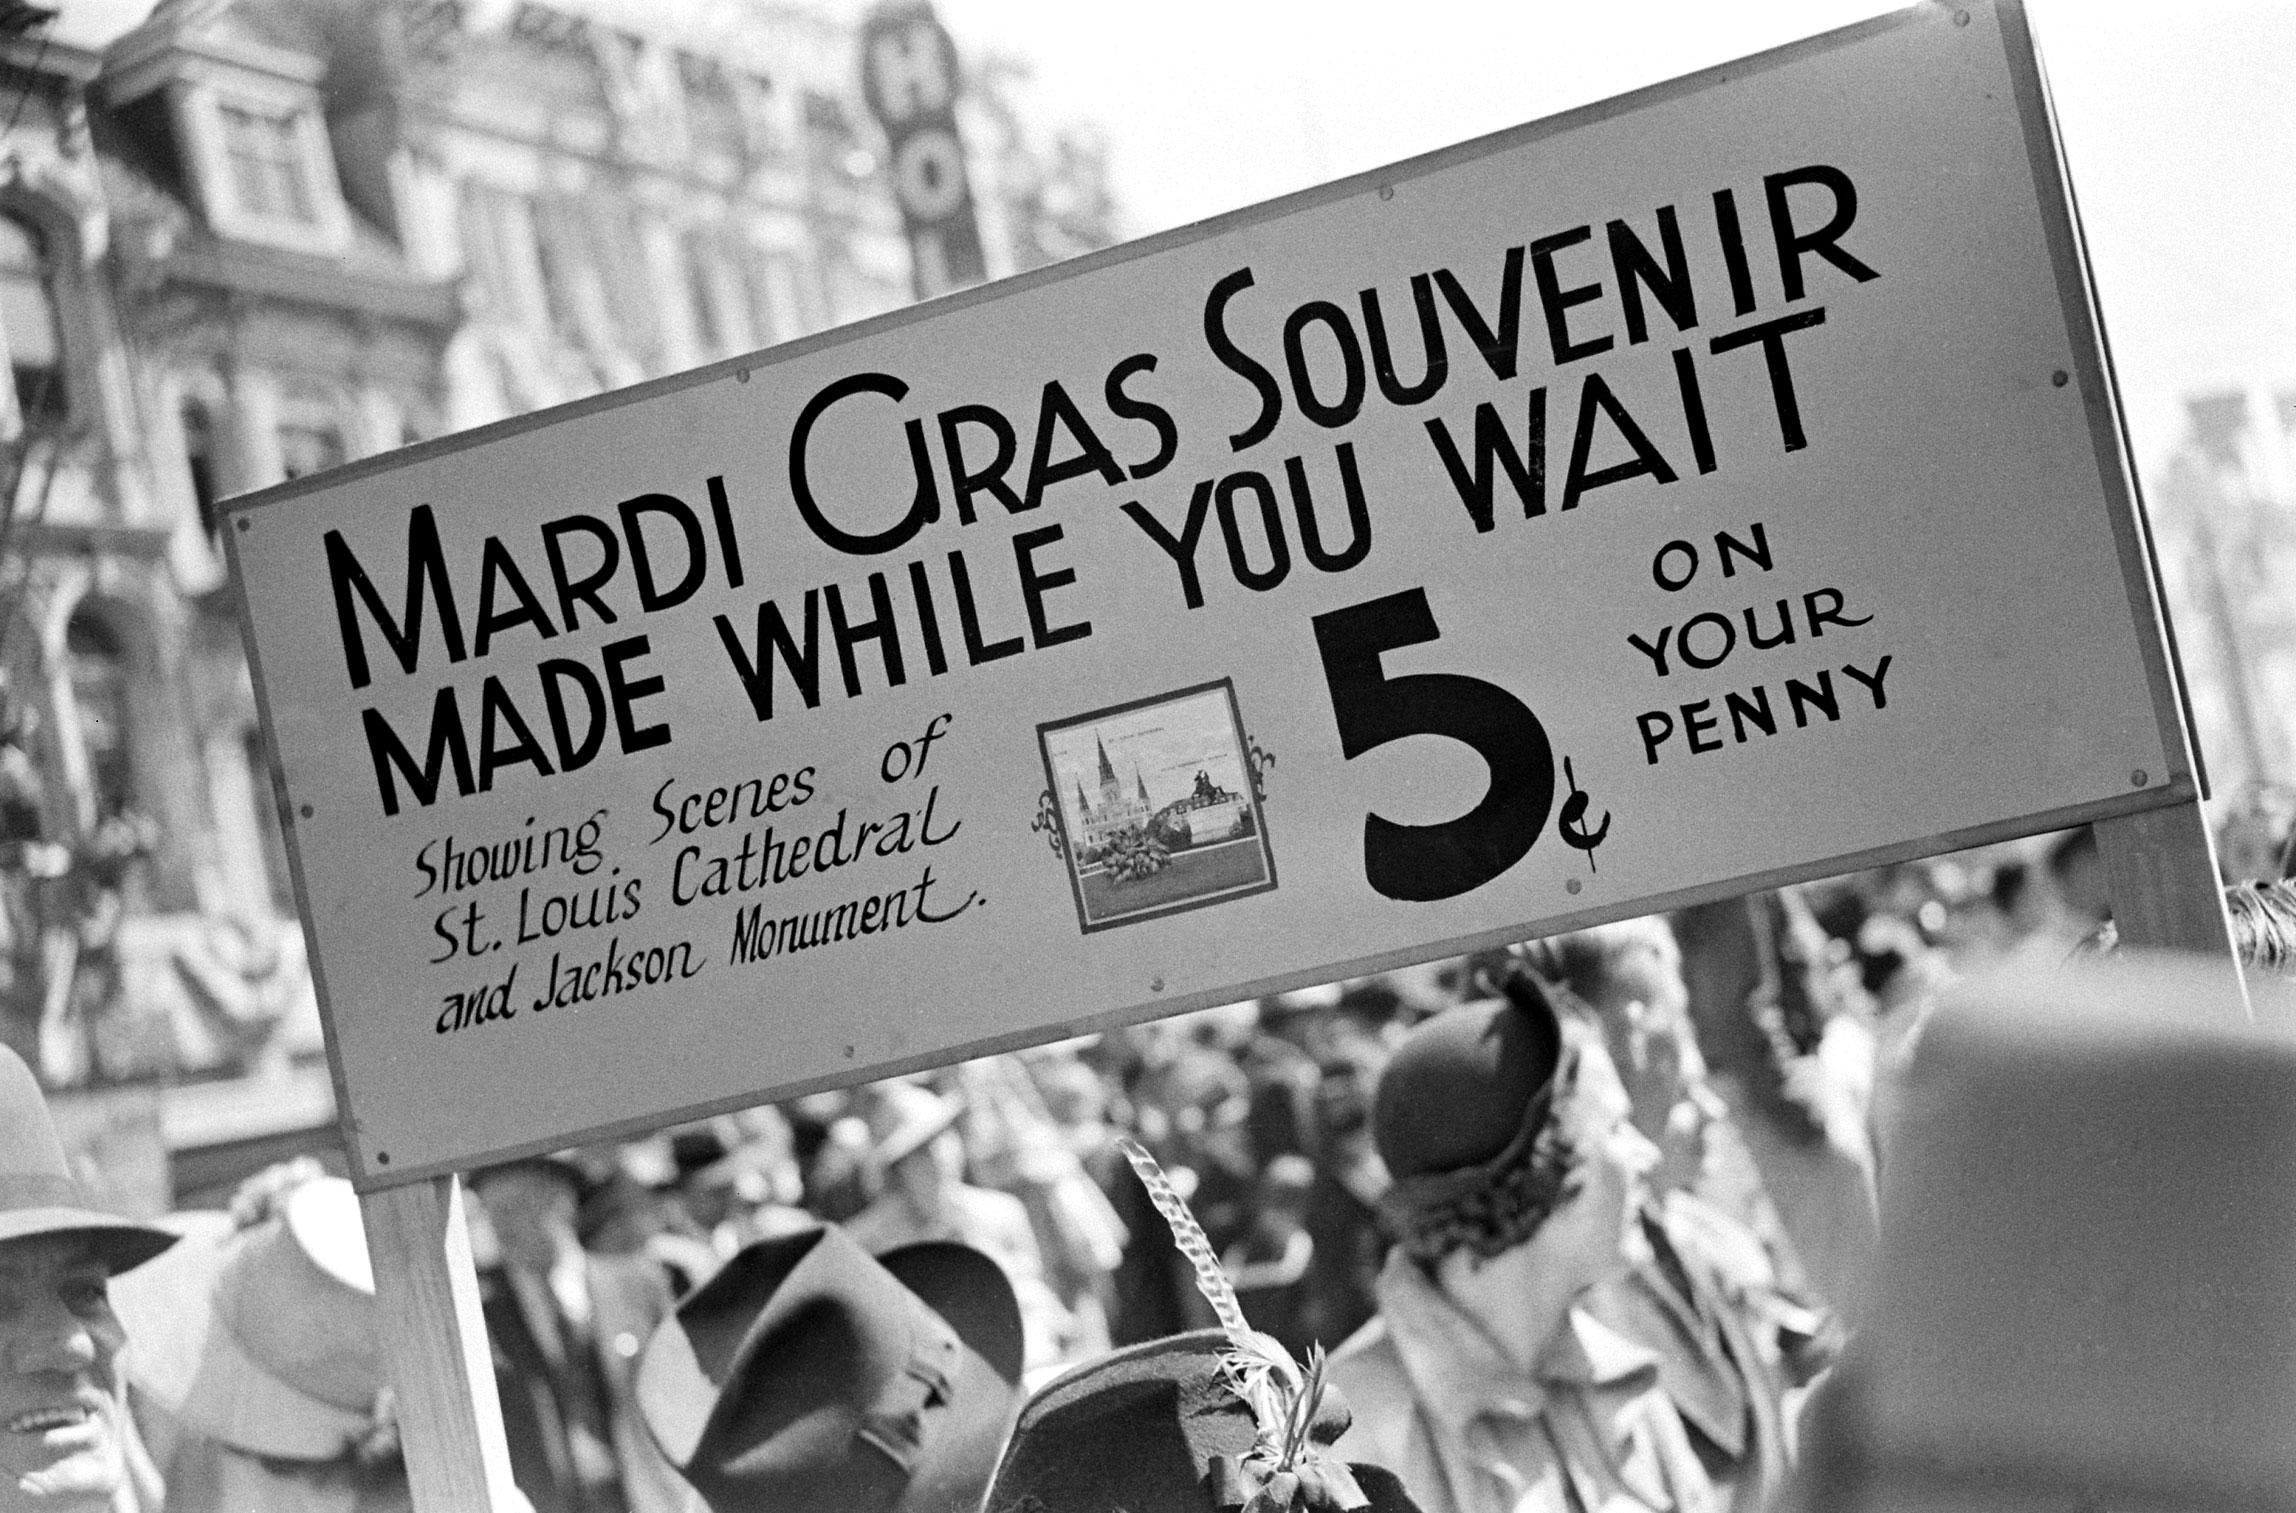 Mardi Gras souvenir sign, 1938.